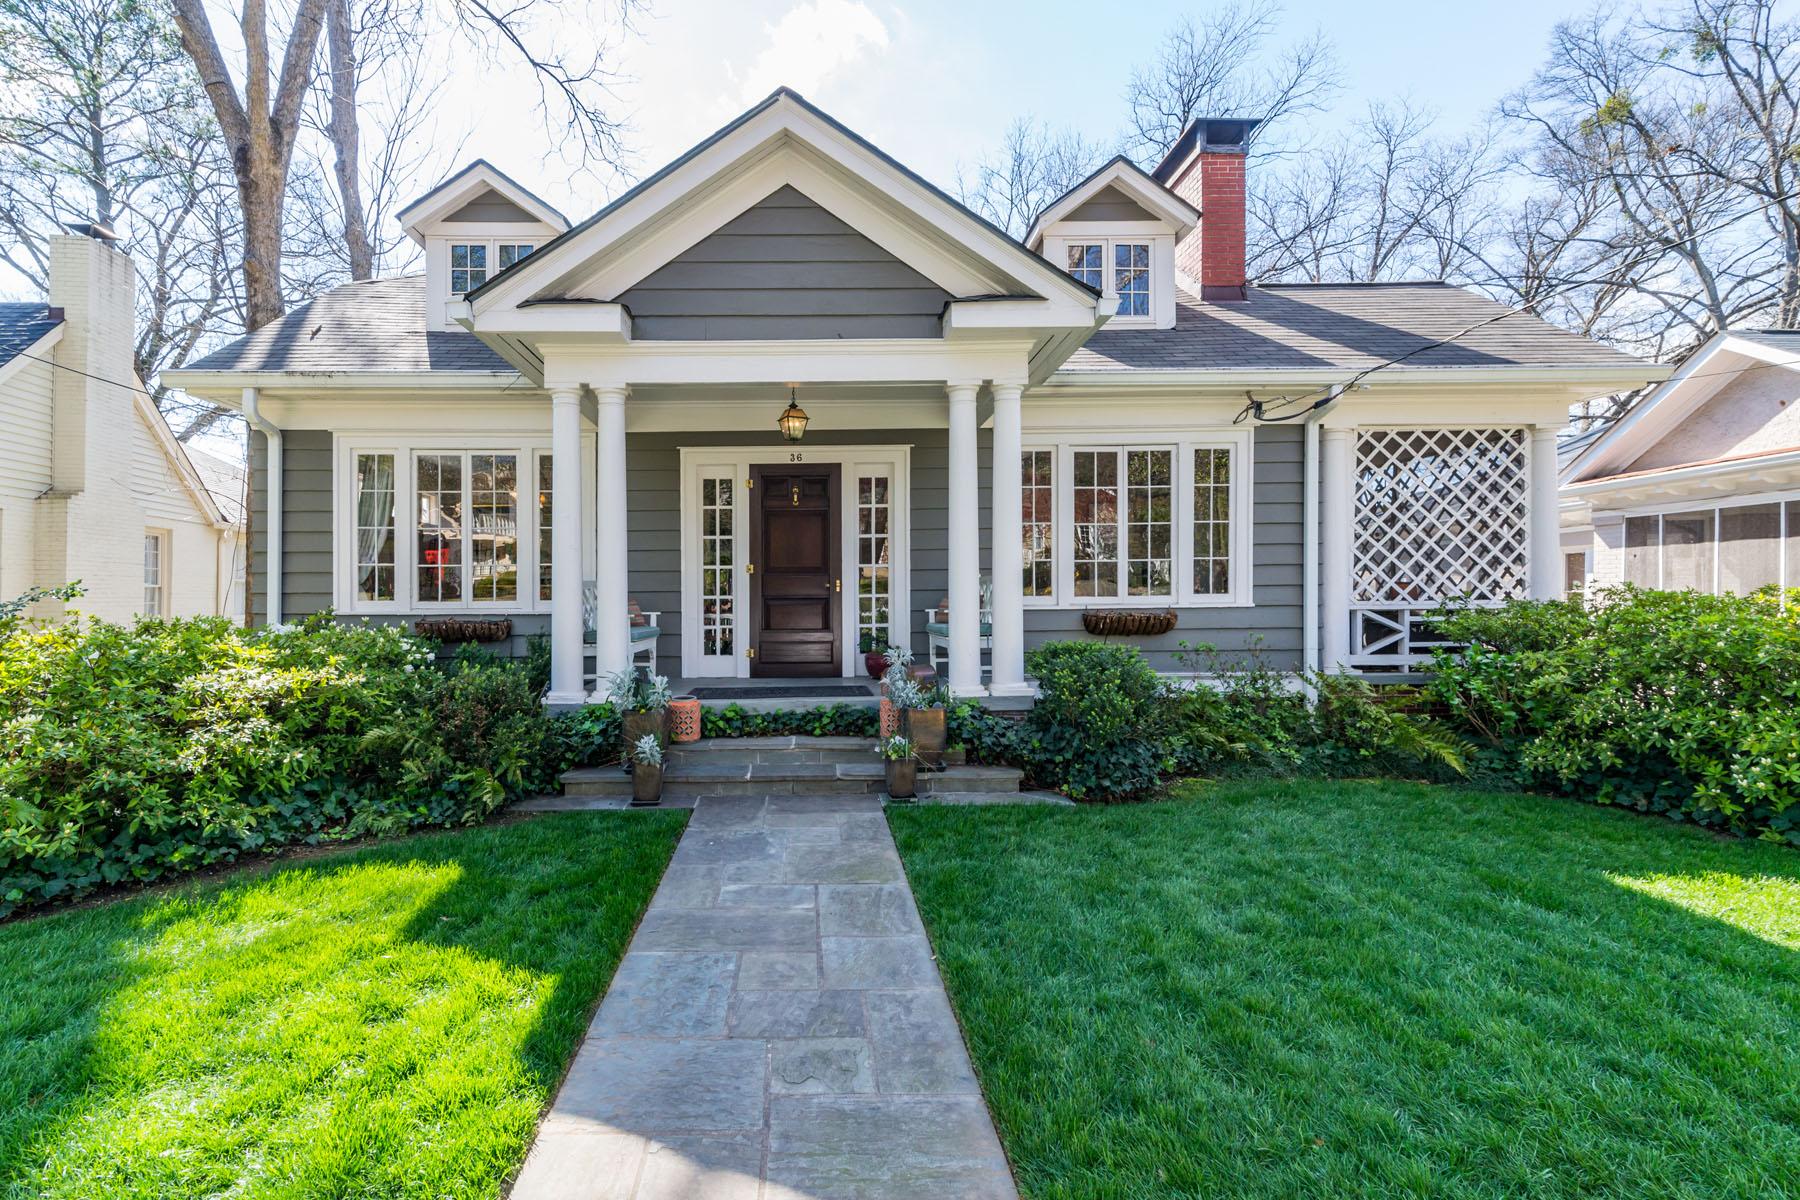 独户住宅 为 销售 在 Beautiful Historic Buckhead Masterpiece 36 Standish Ave NW 亚特兰大, 乔治亚州, 30309 美国